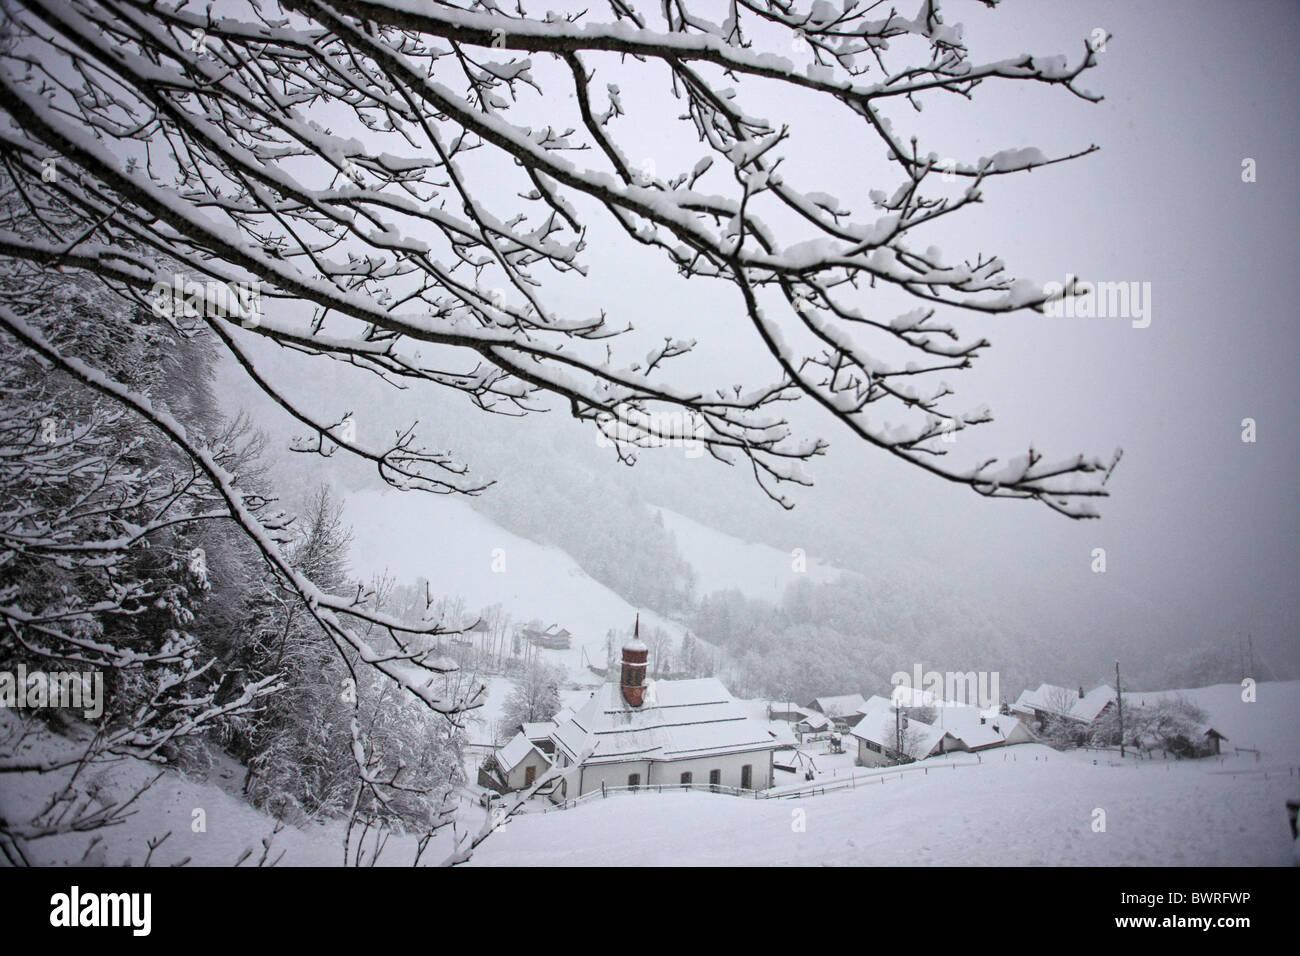 Switzerland Europe Riemenstalden Canton Schwyz Village Village of Riemenstalden Winter Snowed-in Snow Snowfal - Stock Image